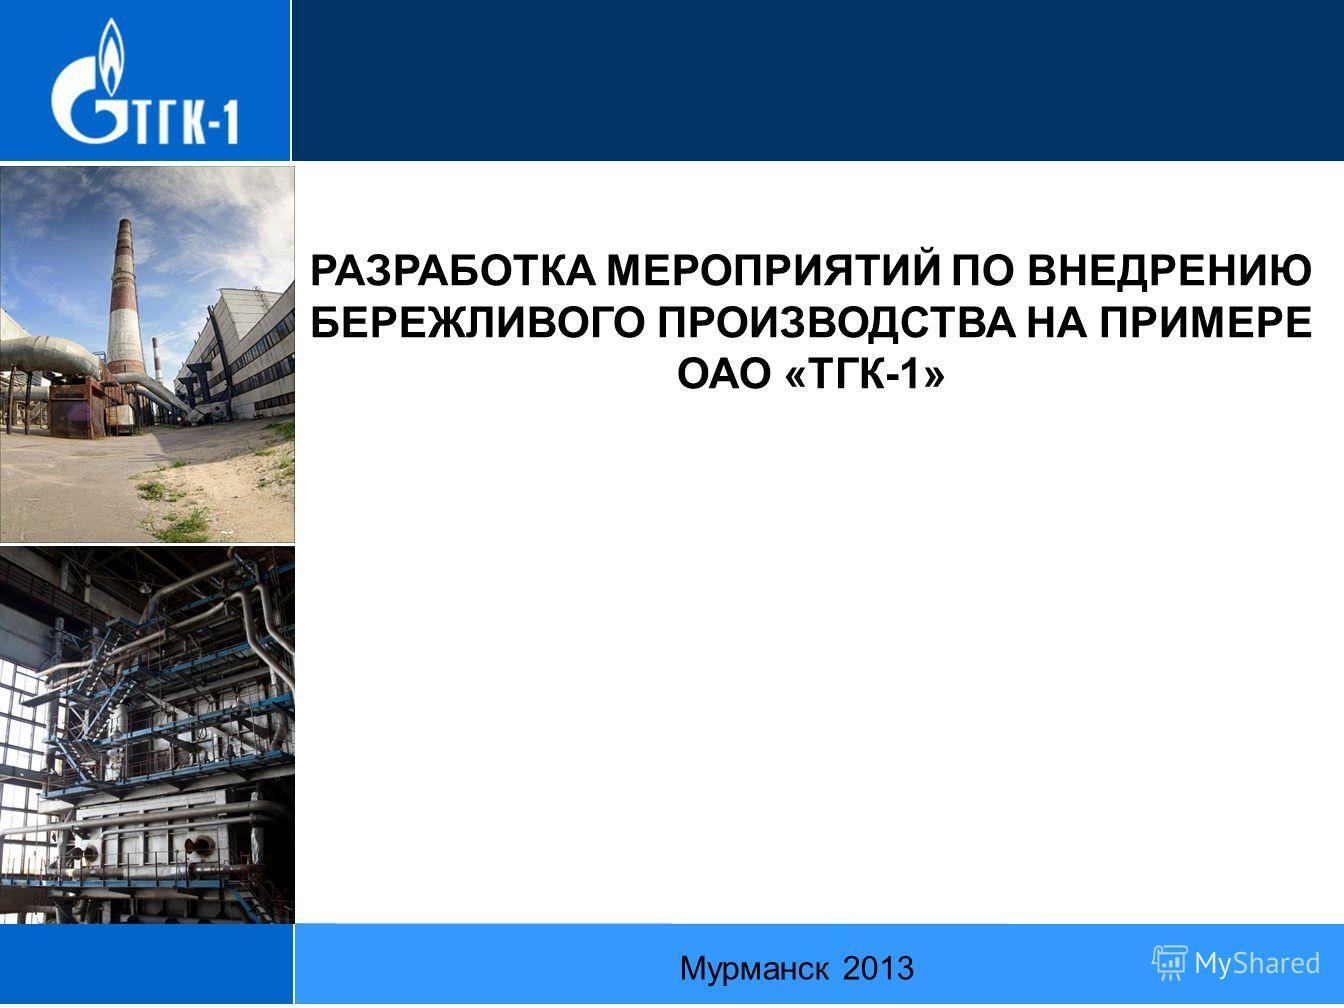 РАЗРАБОТКА МЕРОПРИЯТИЙ ПО ВНЕДРЕНИЮ БЕРЕЖЛИВОГО ПРОИЗВОДСТВА НА ПРИМЕРЕ ОАО «ТГК-1» Мурманск 2013